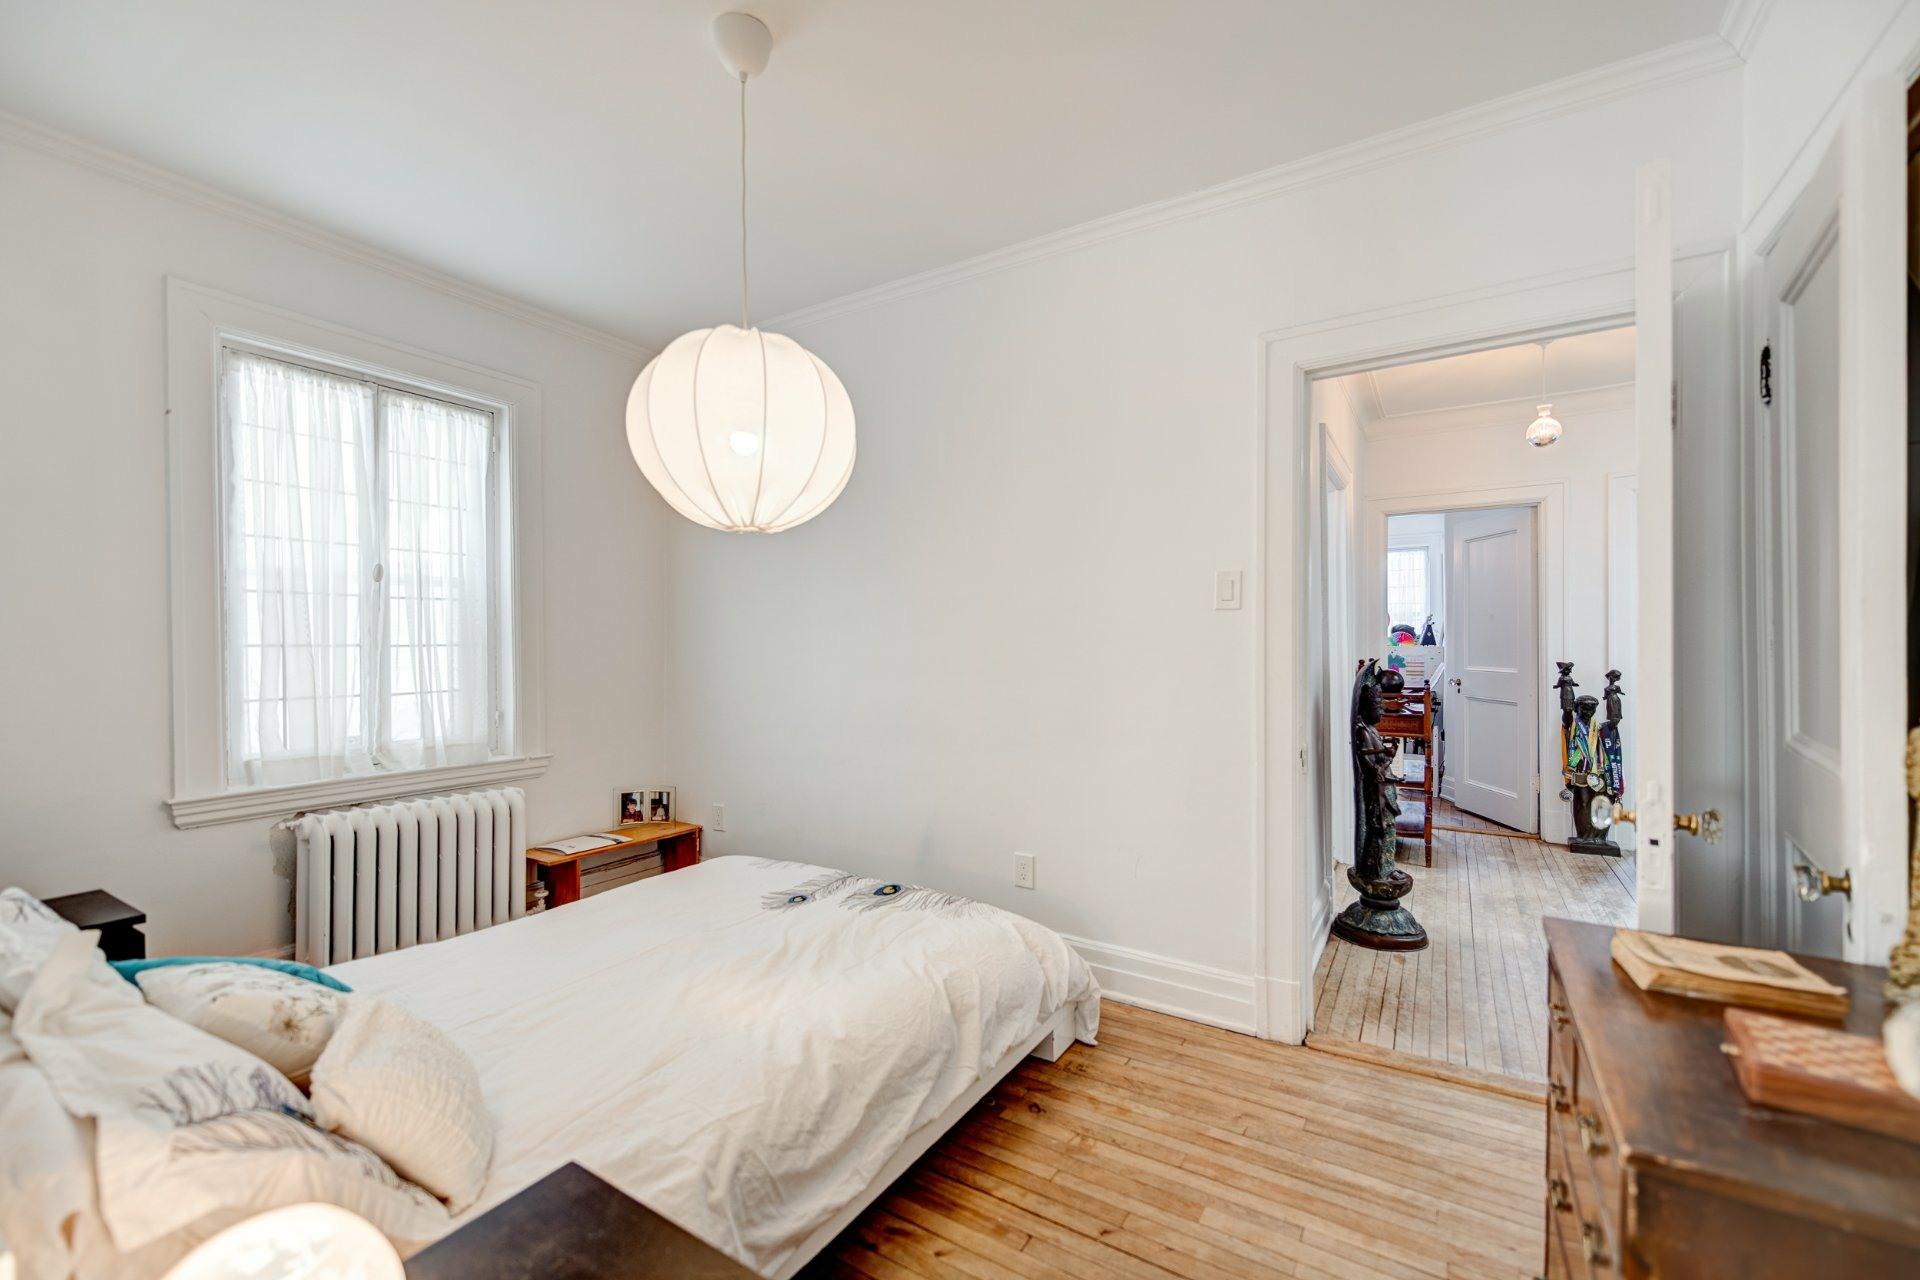 image 23 - House For sale Côte-des-Neiges/Notre-Dame-de-Grâce Montréal  - 10 rooms